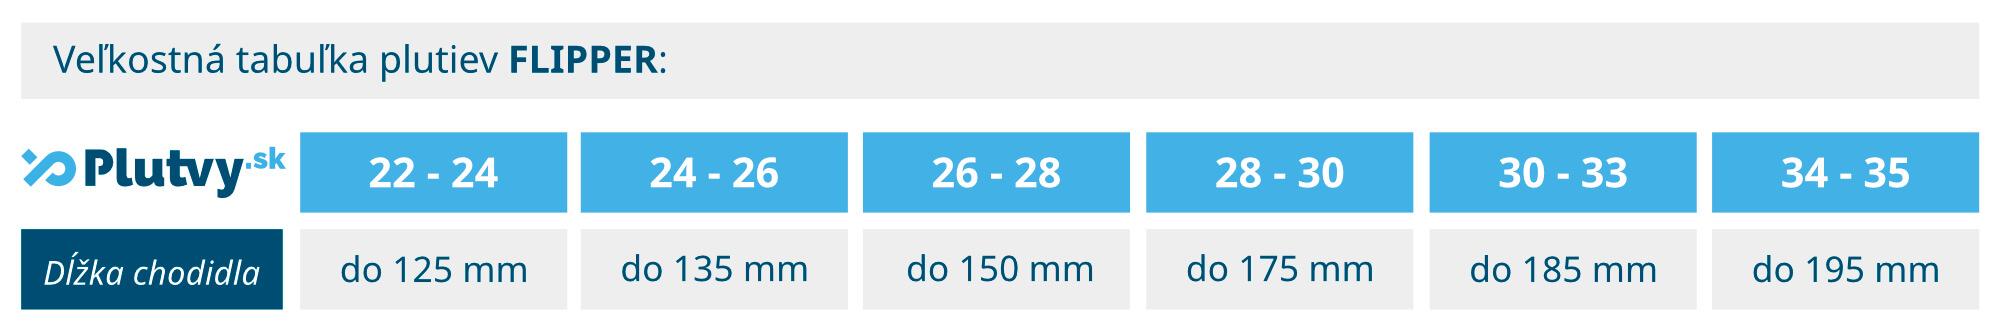 Ako si vybrať správnu veľkost plaveckých plutiev pre deti, veľkostná tabuľka Flipper